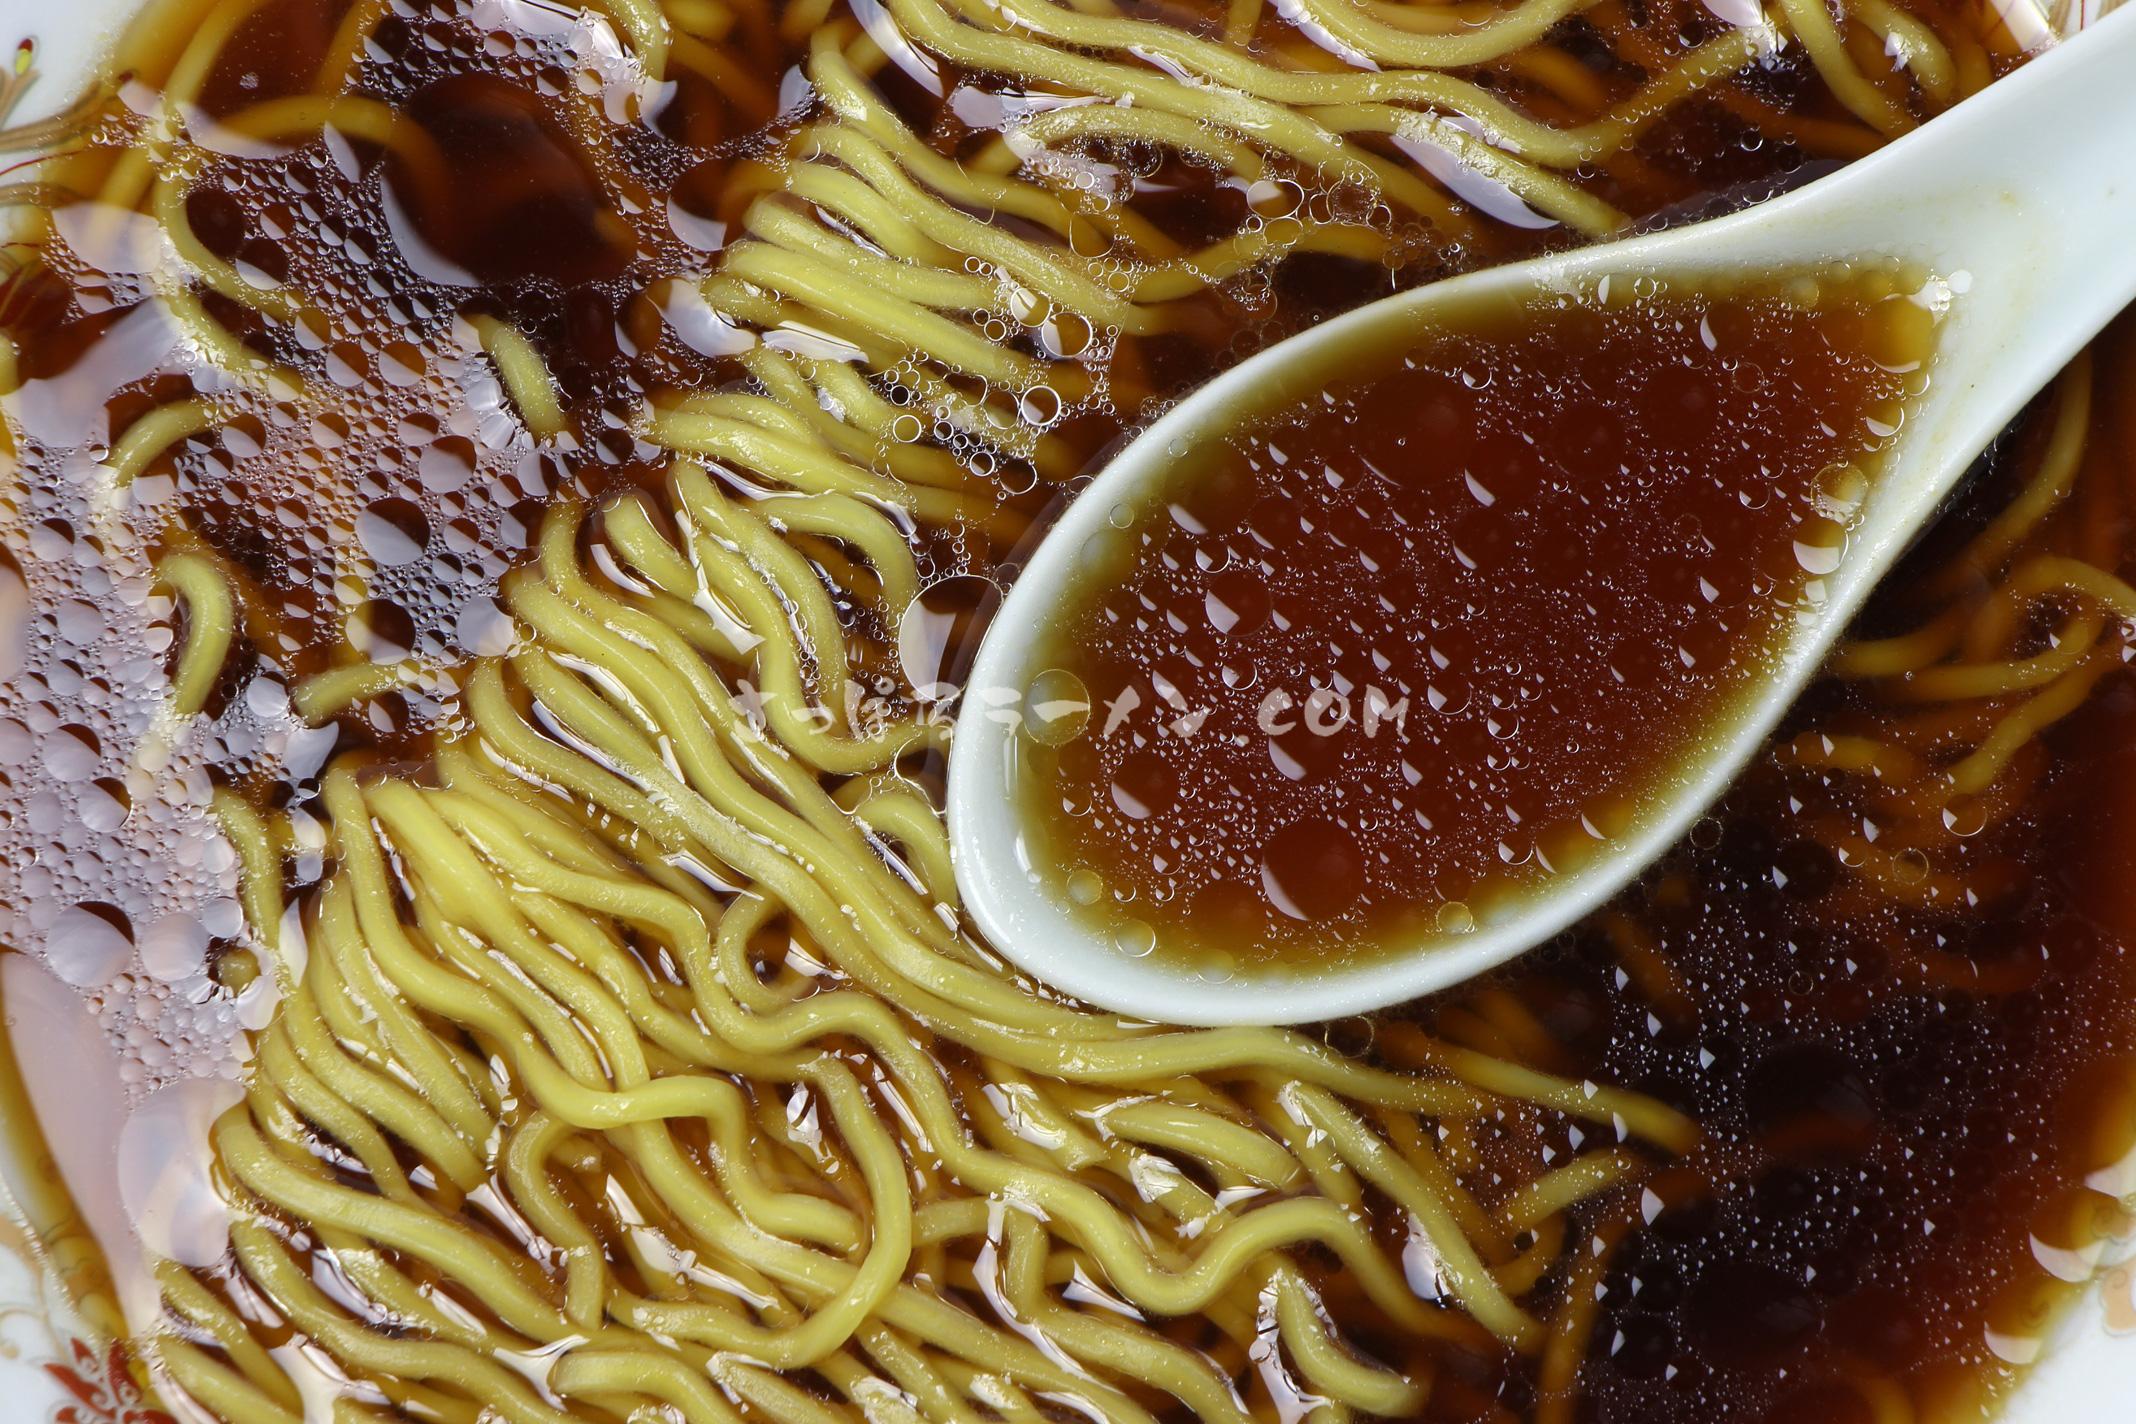 「江別小麦 寒干し 醬油味(1人前)」(菊水)のスープ